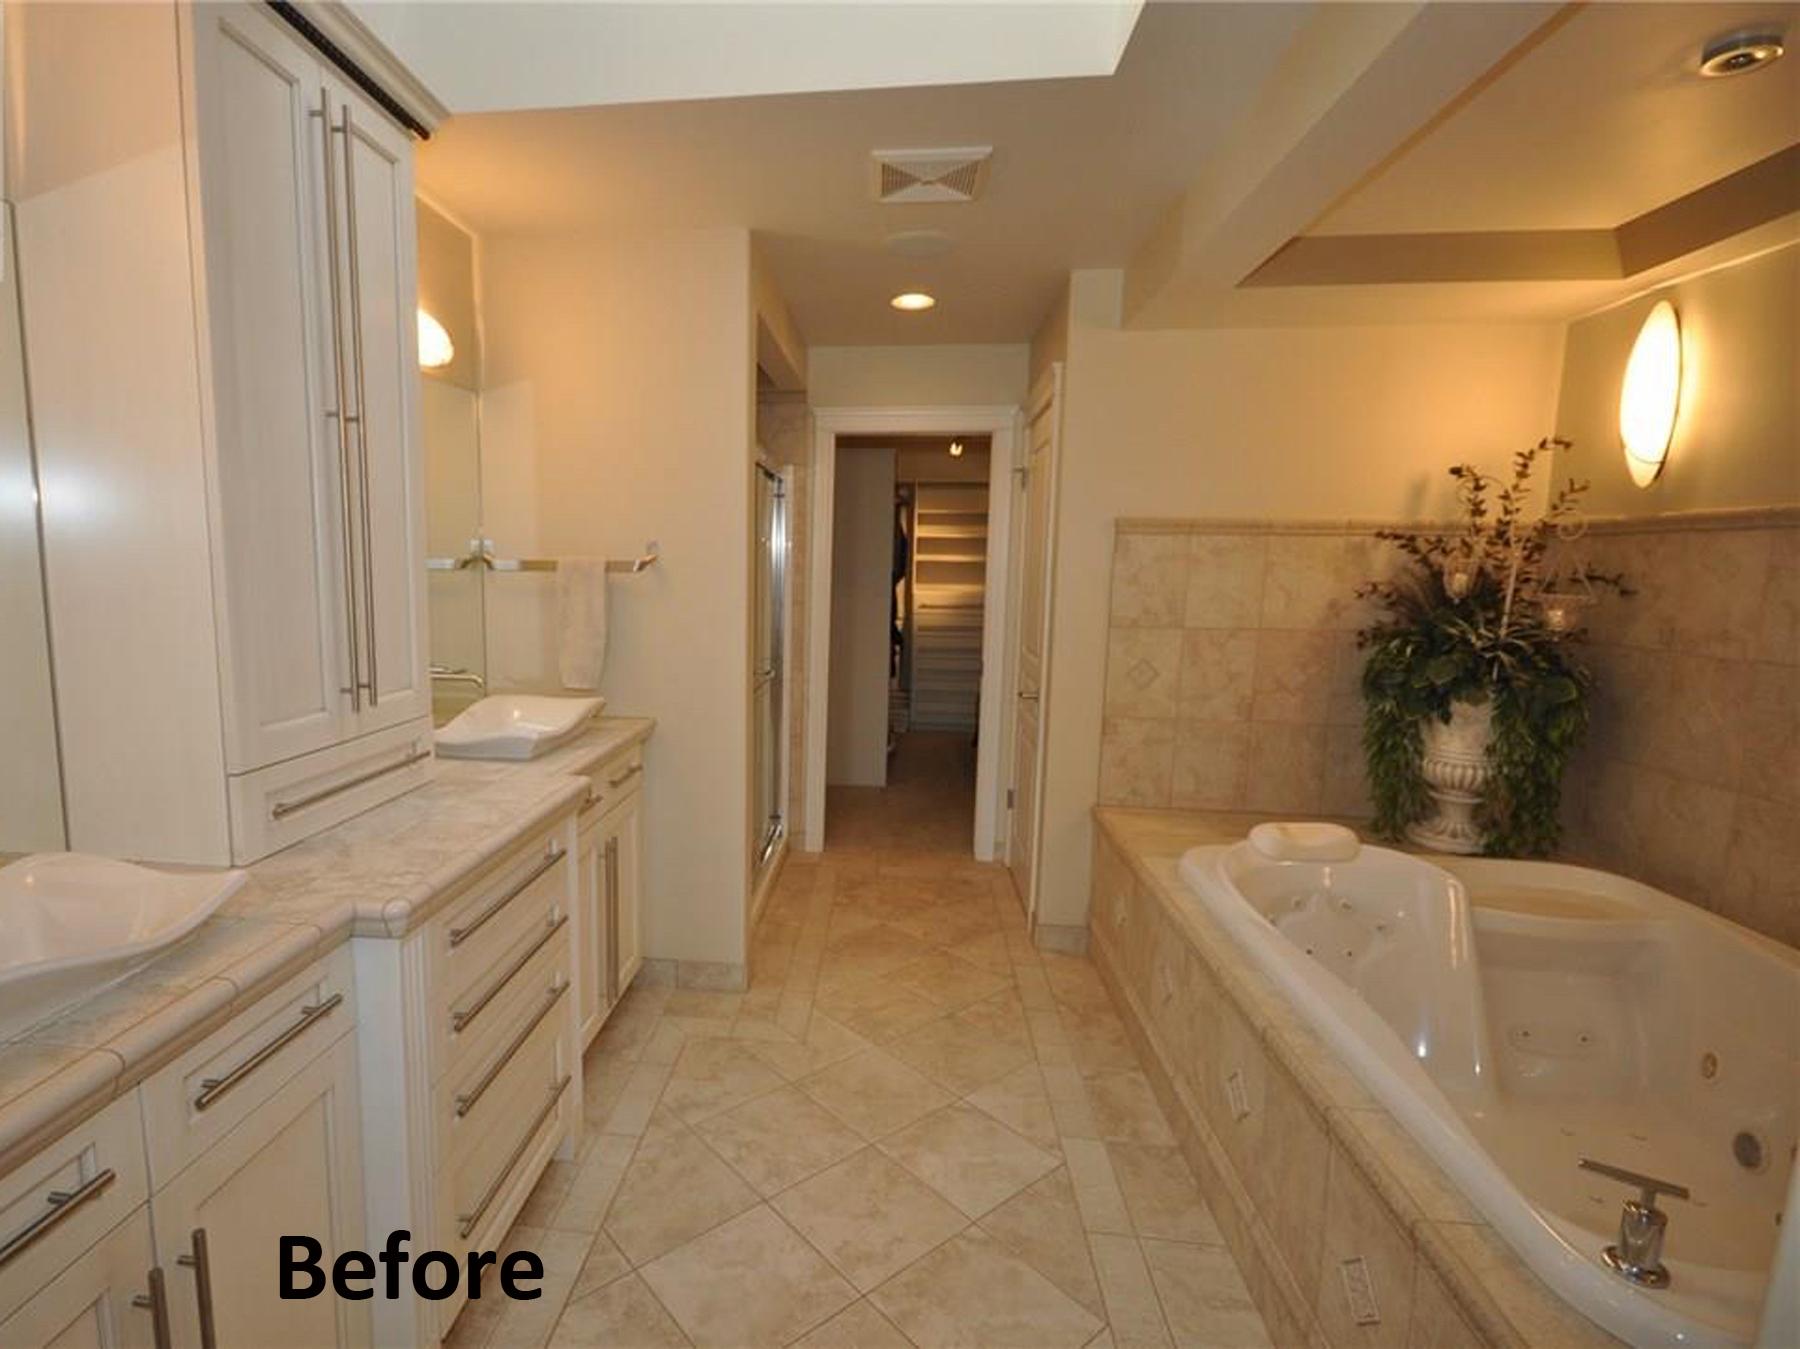 Master Bedroom & Ensuite Renovation